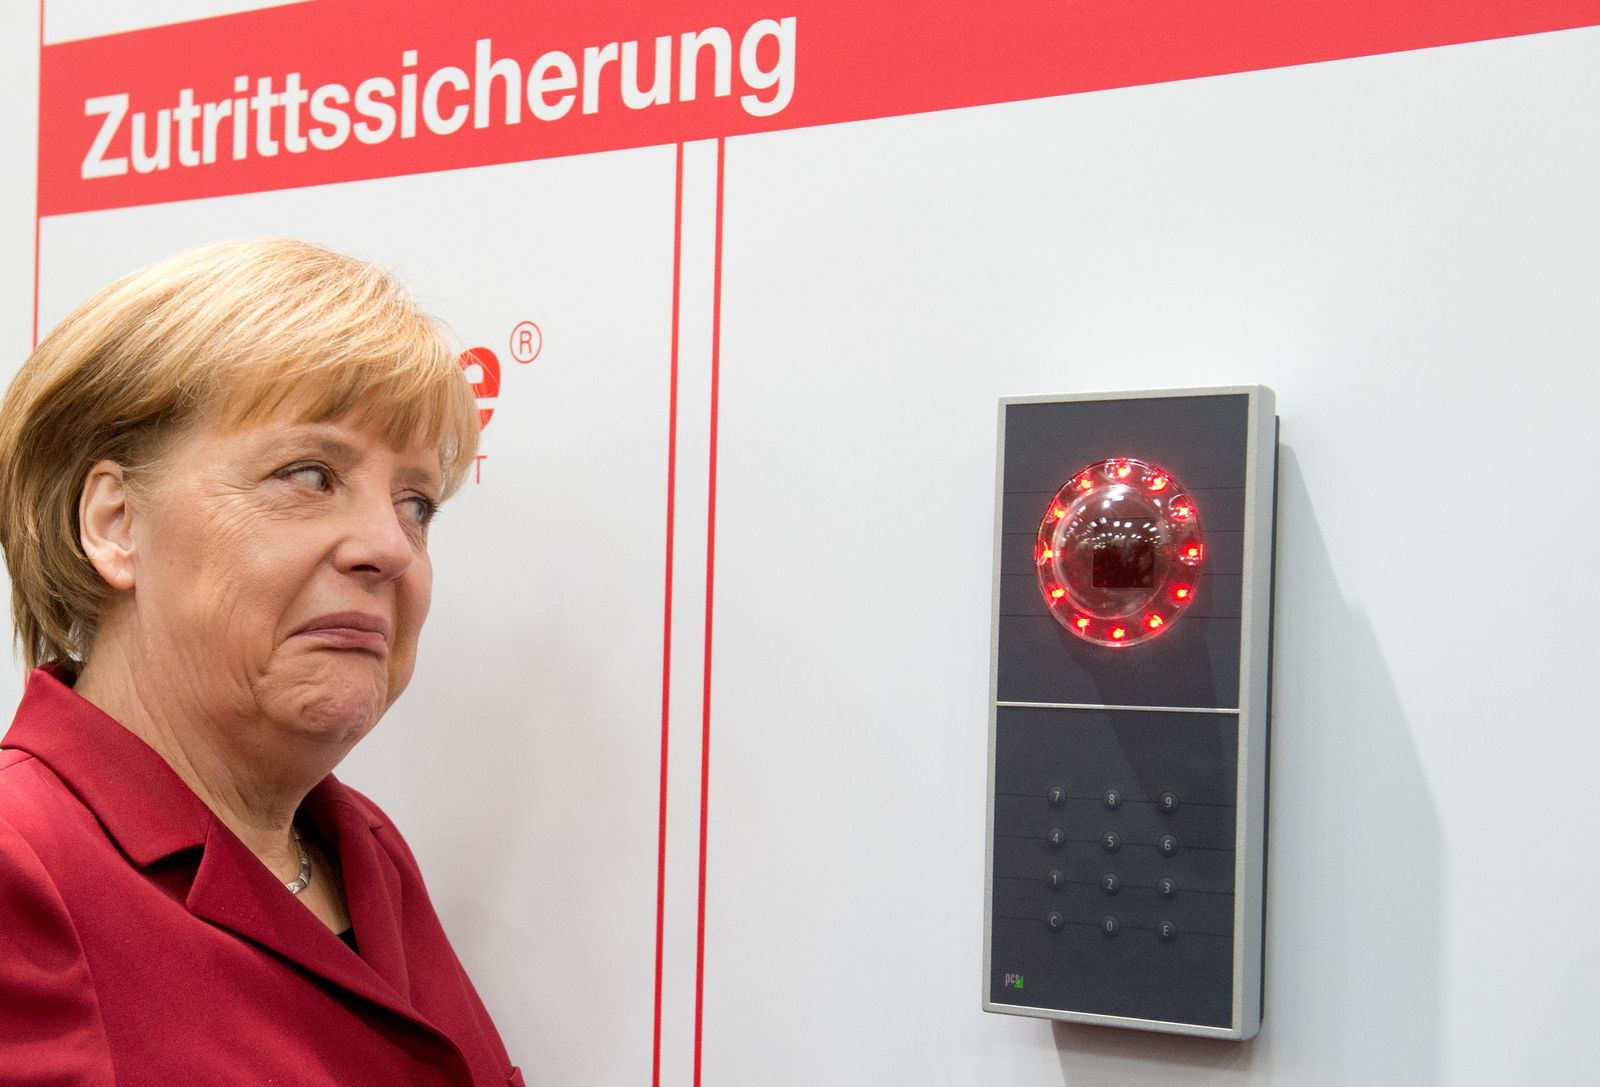 CeBIT 2013 / Merkel